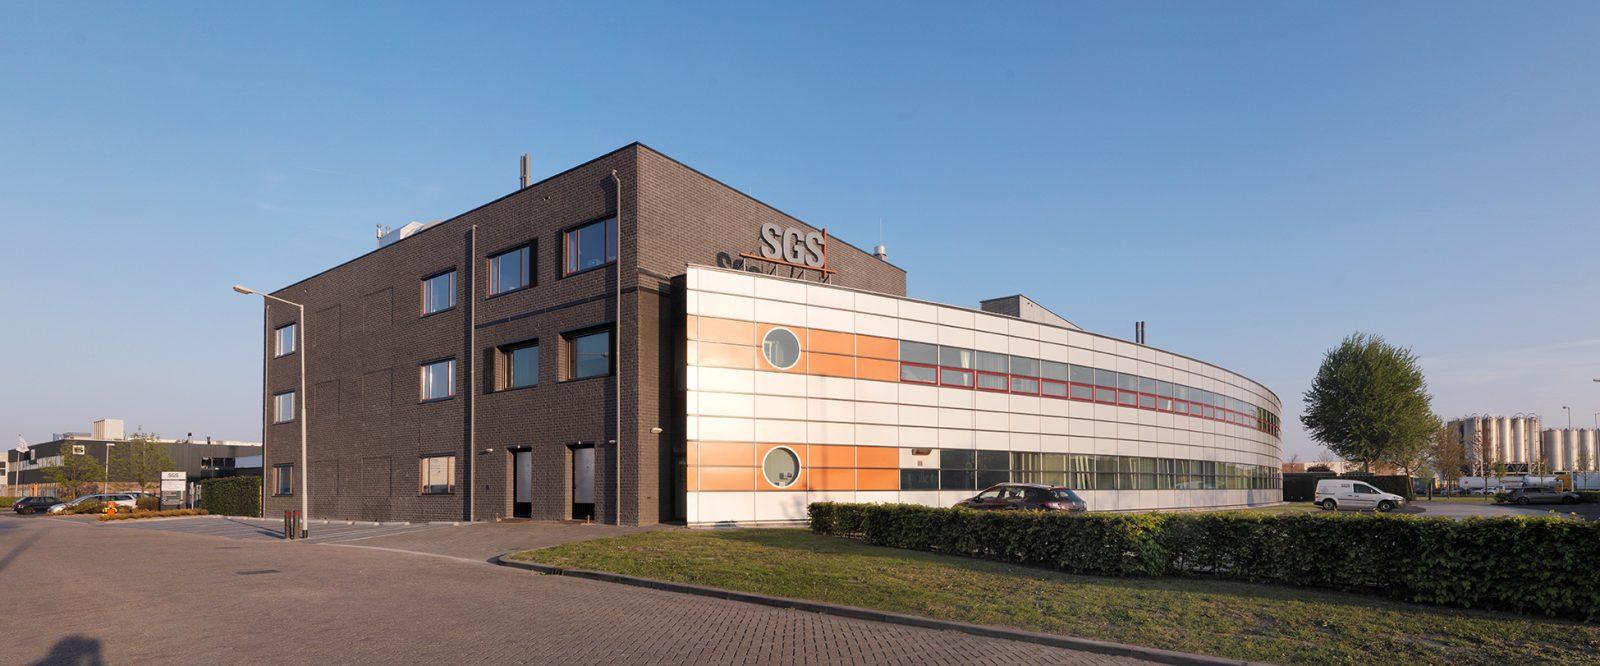 SGS-Spijkenisse